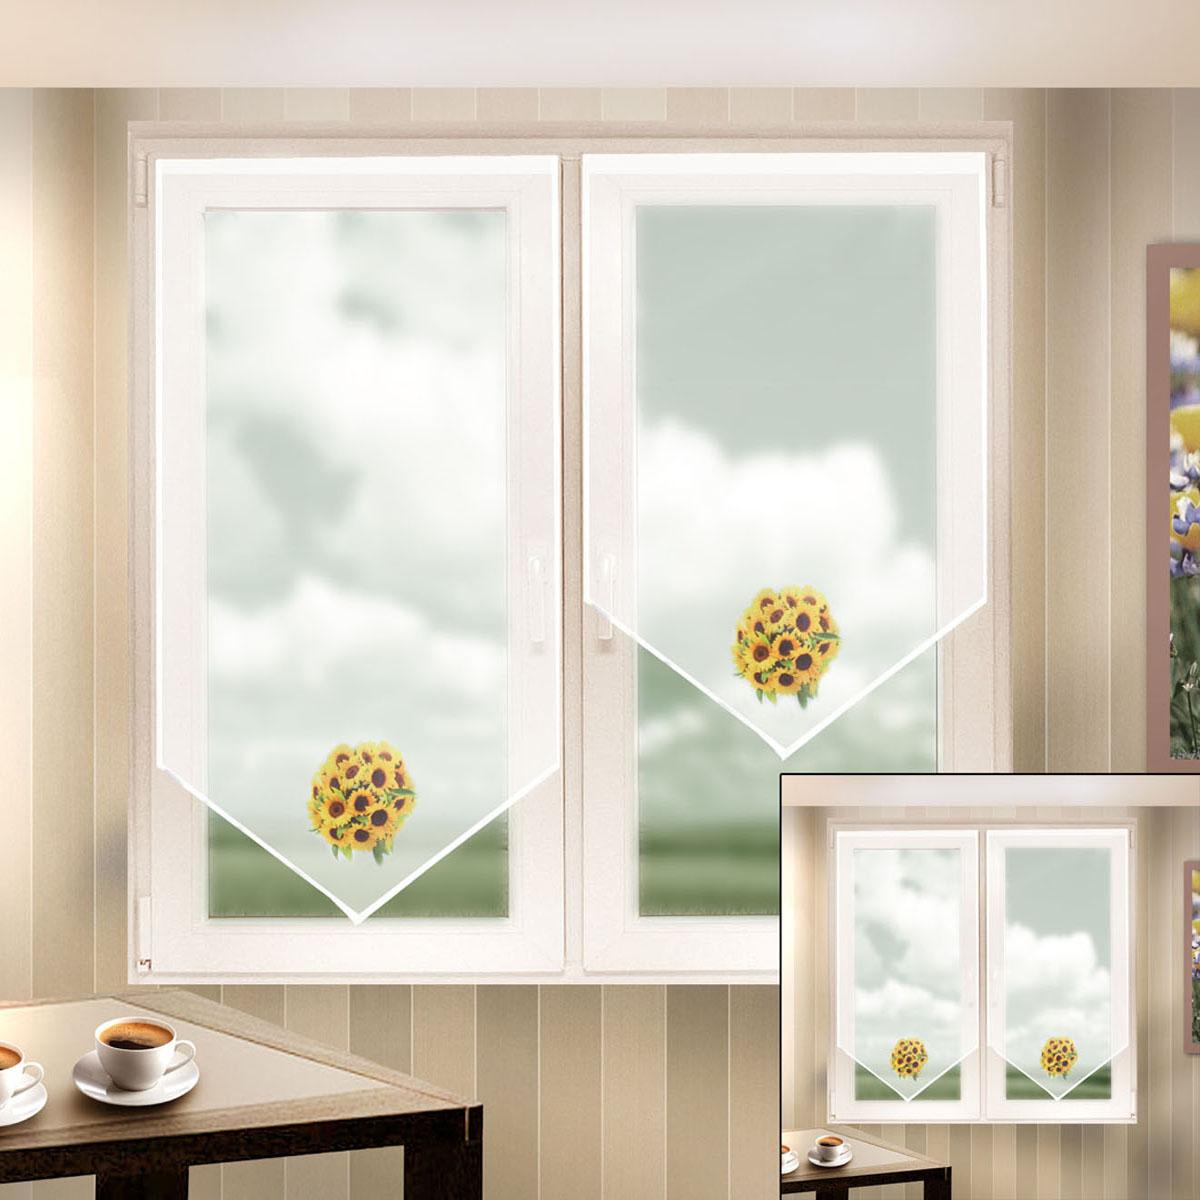 Гардина Zlata Korunka, на липкой ленте, цвет: белый, высота 140 см. 666046666046Гардина на липкой ленте Zlata Korunka, изготовленная из легкого полиэстера, станет великолепным украшением любого окна. Полотно из белой вуали с печатным рисунком привлечет к себе внимание и органично впишется в интерьер комнаты. Крепление на липкой ленте, не требующее сверления стен и карниза. Многоразовое и мгновенное крепление.